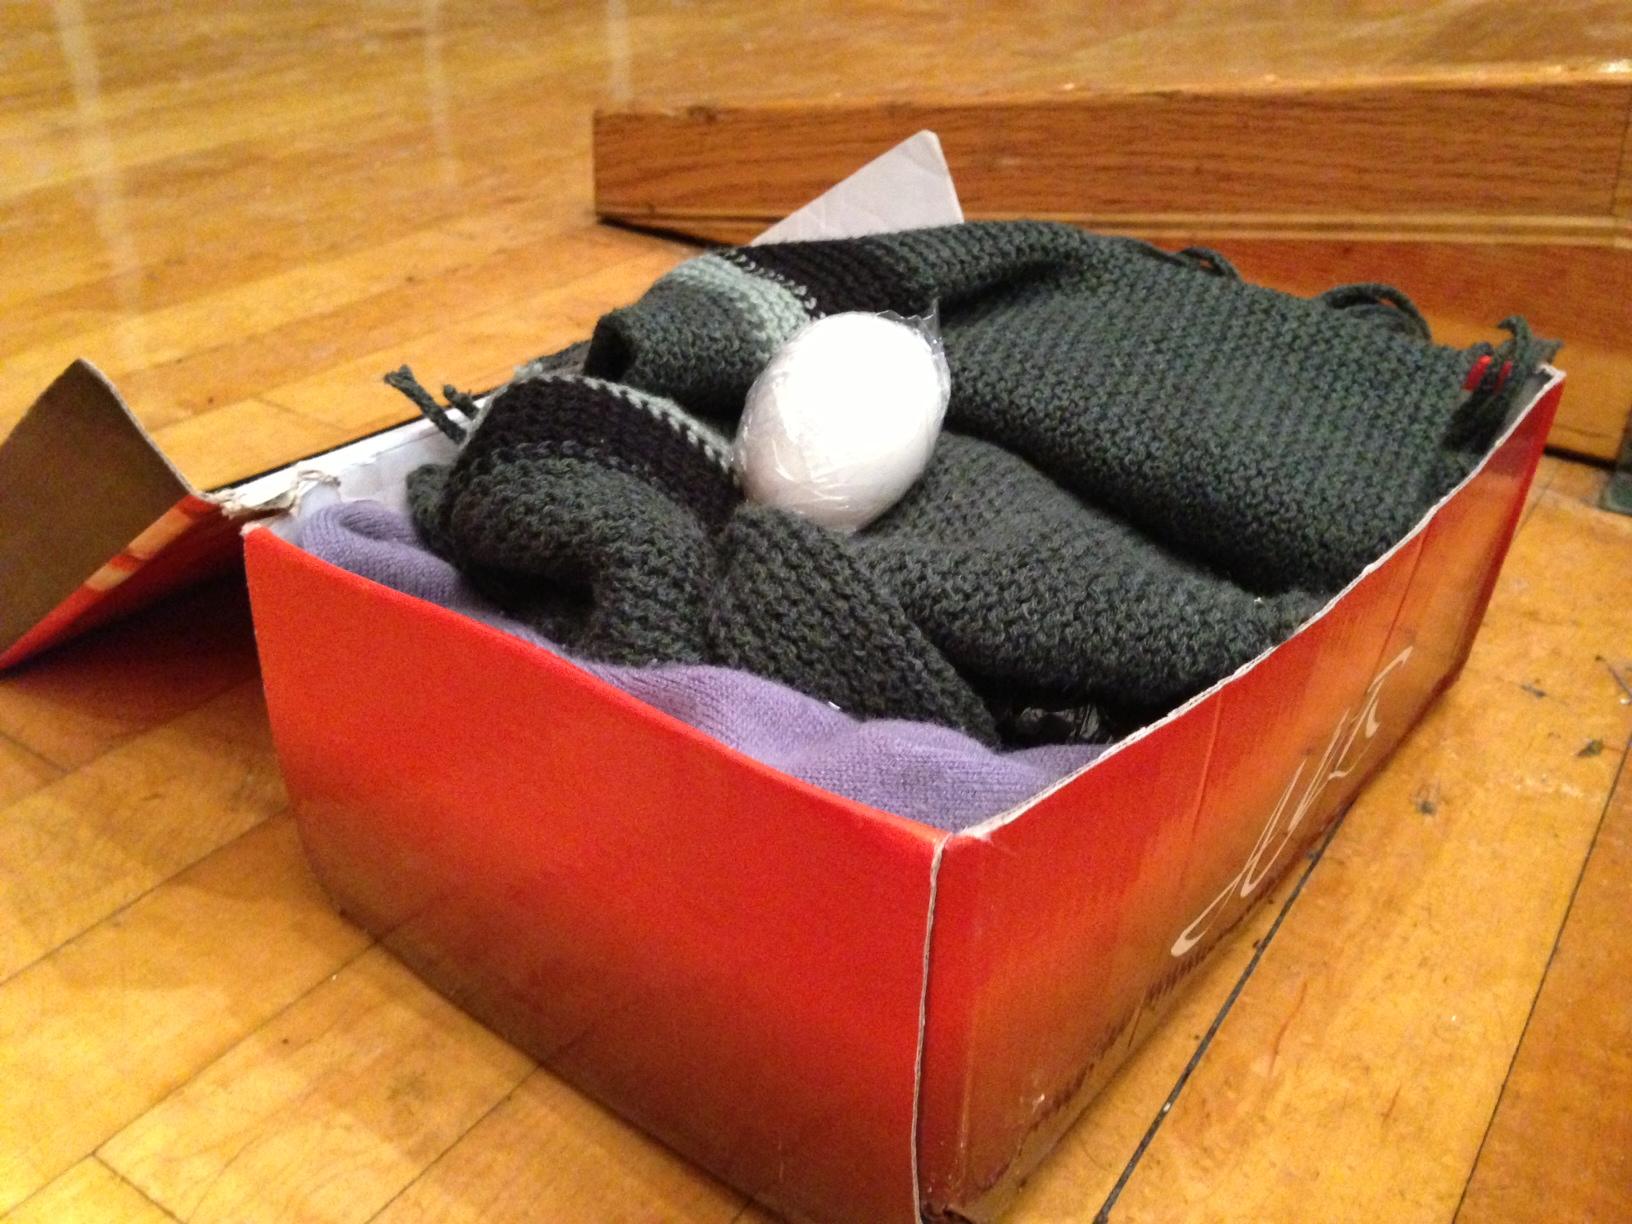 egg drop project in a box wwwpixsharkcom images